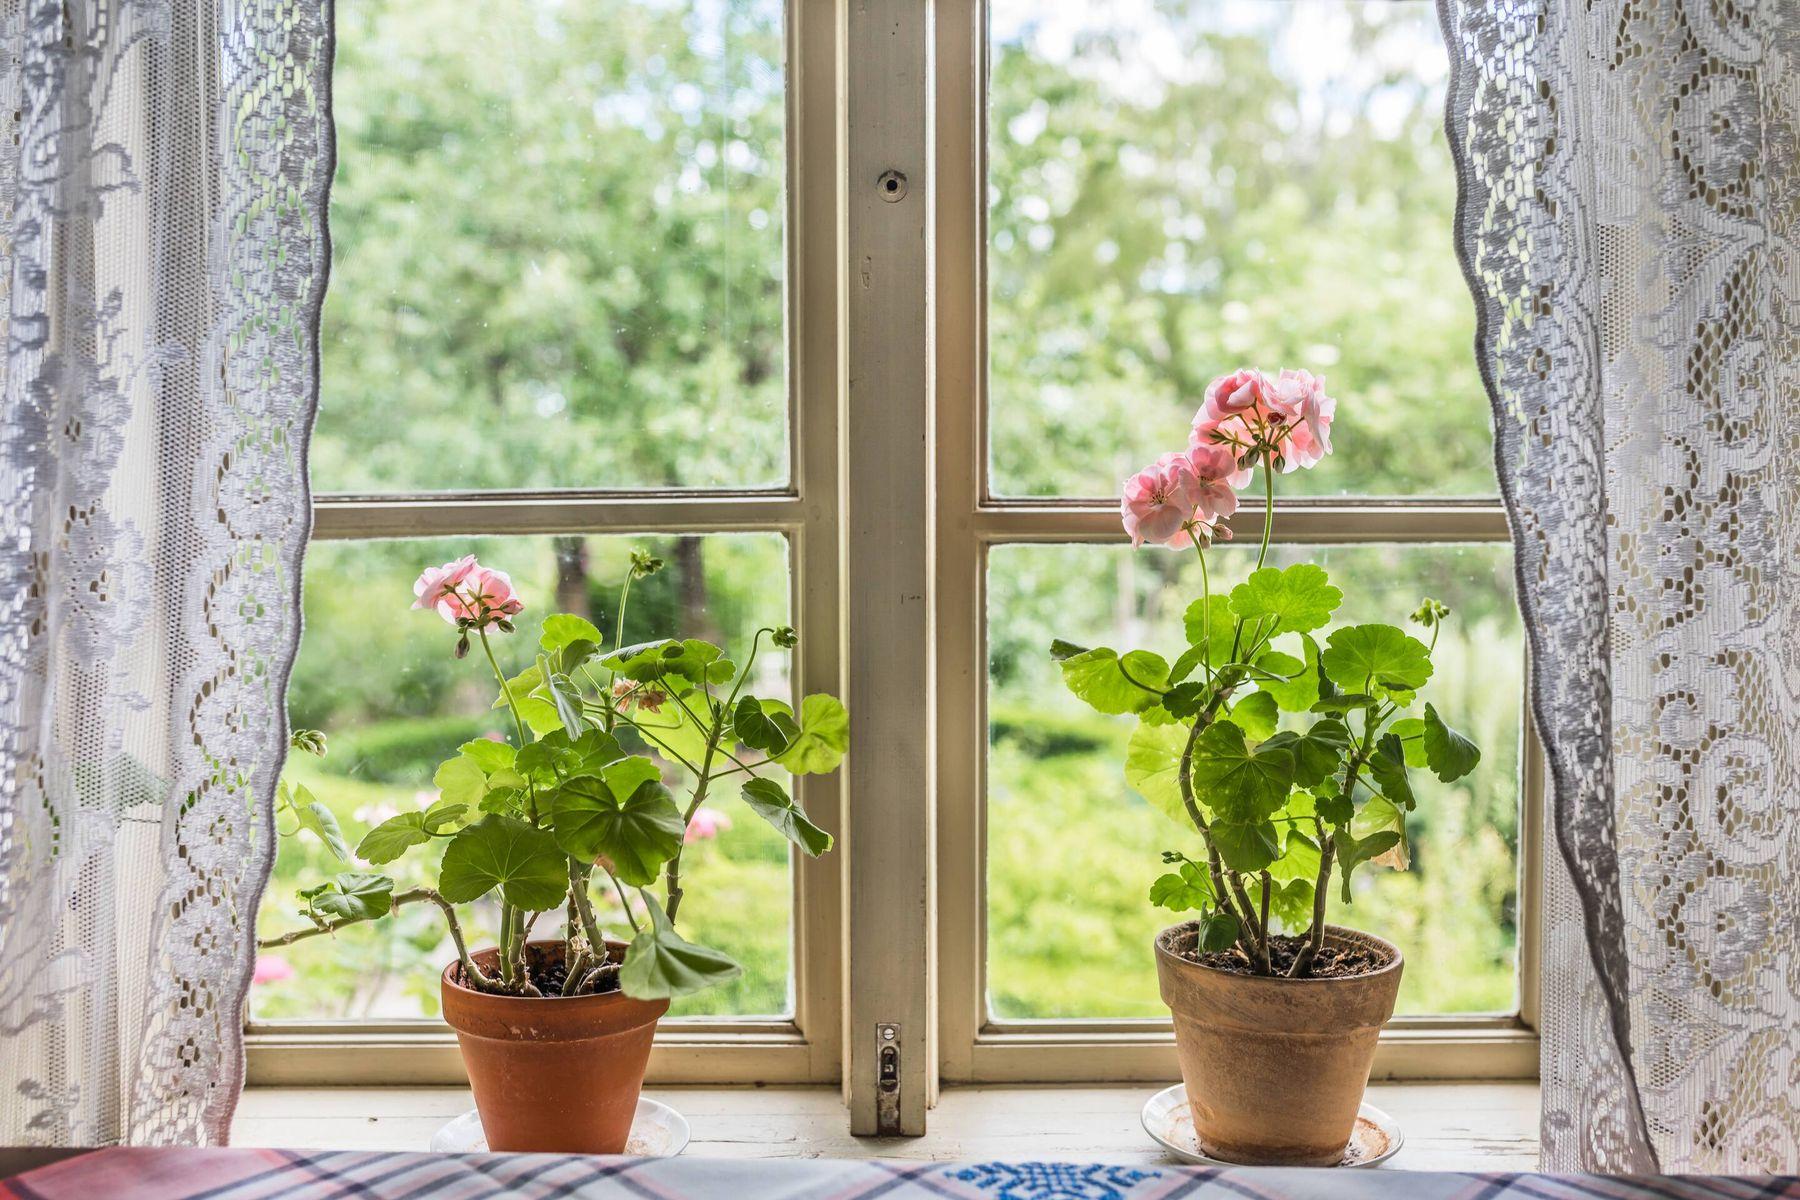 Evde Çiçek Bakımı Rehberi